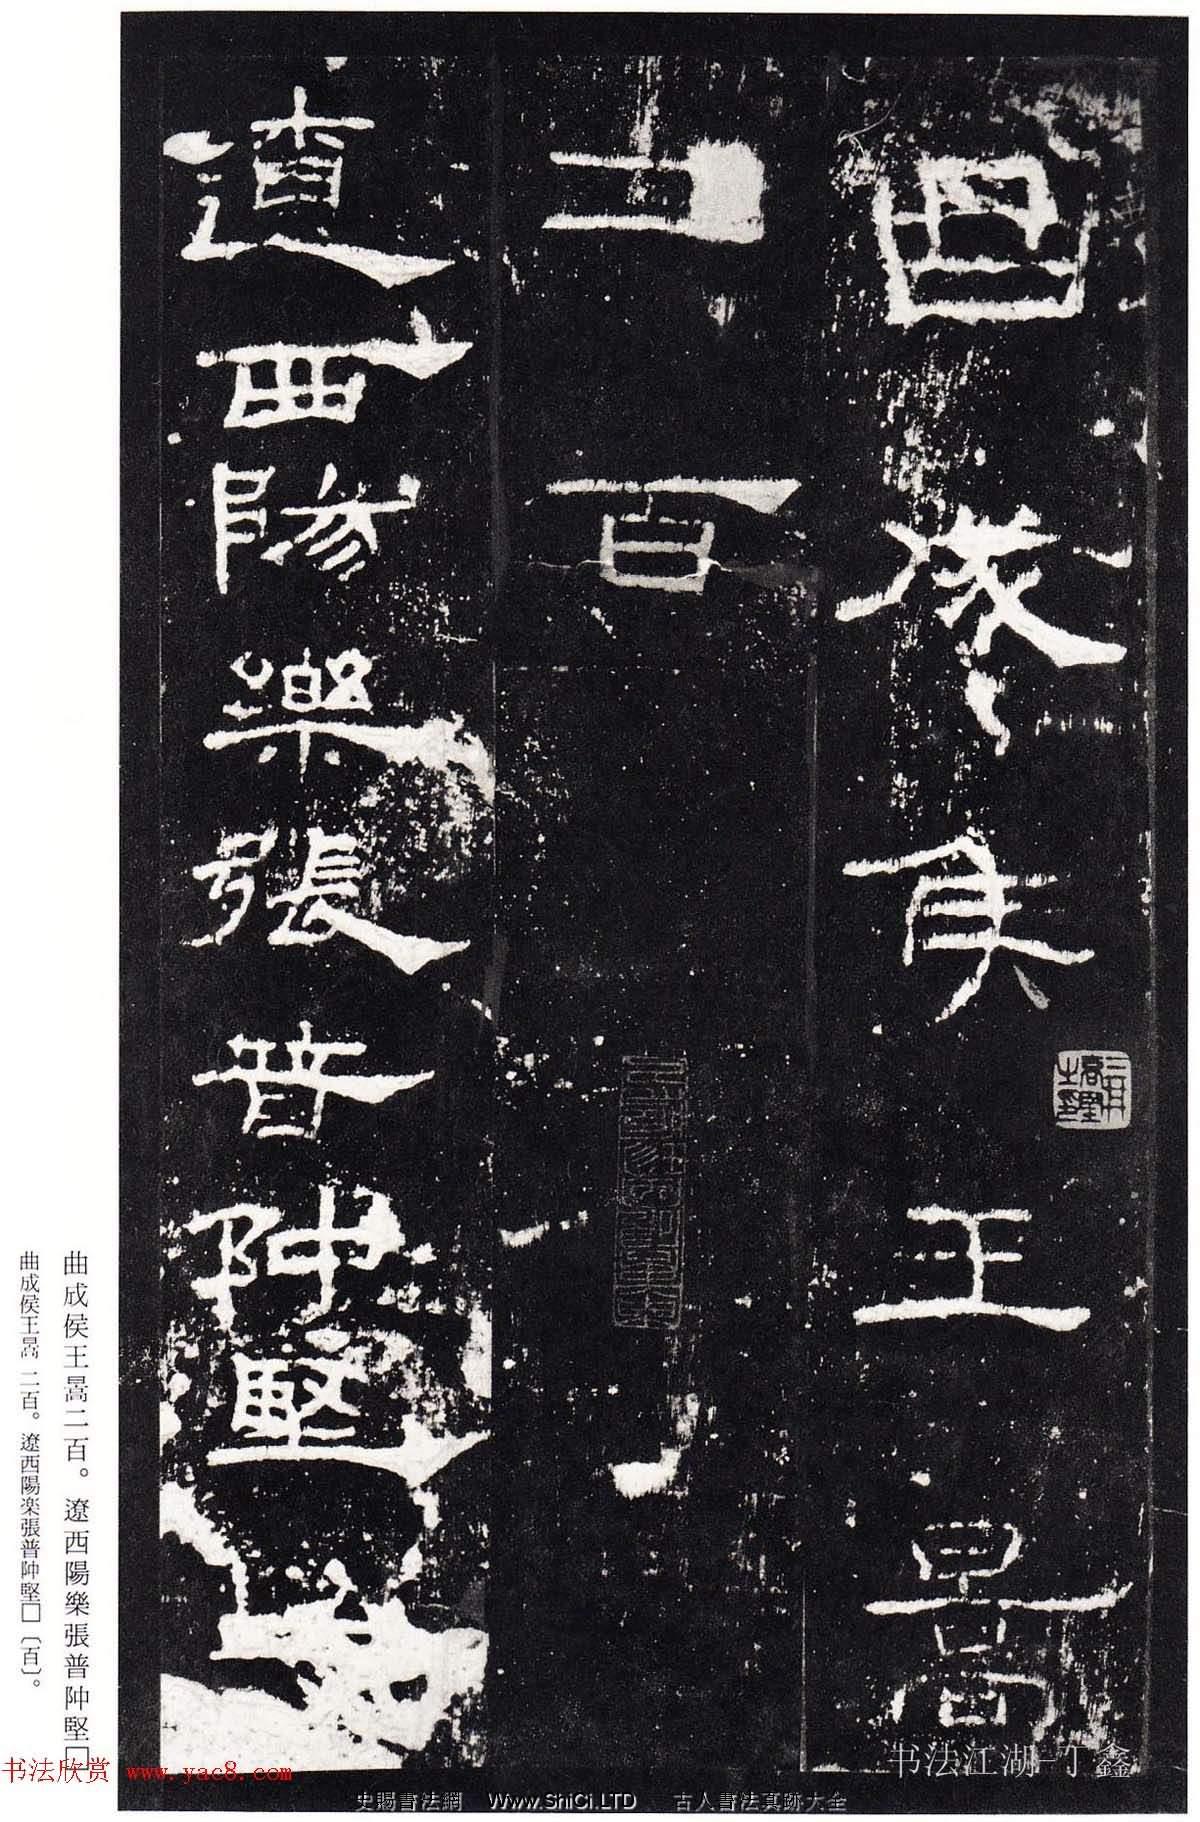 隸書楷模《禮器碑碑陰》二玄社本(共43張圖片)